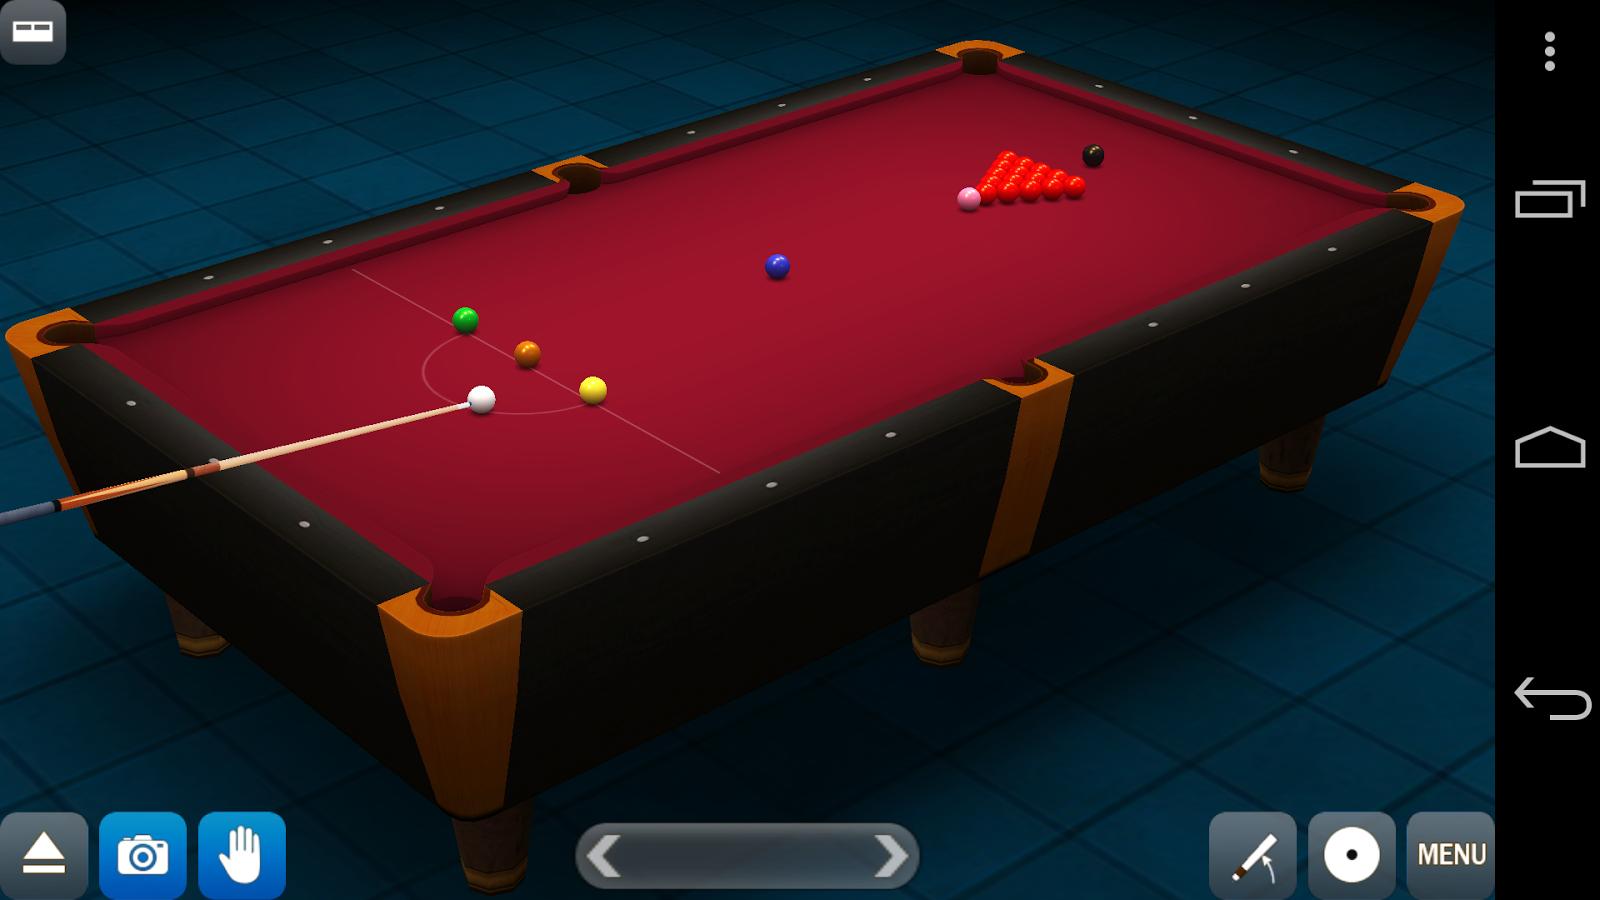 8 Ball Pool на андроид - top-android.org